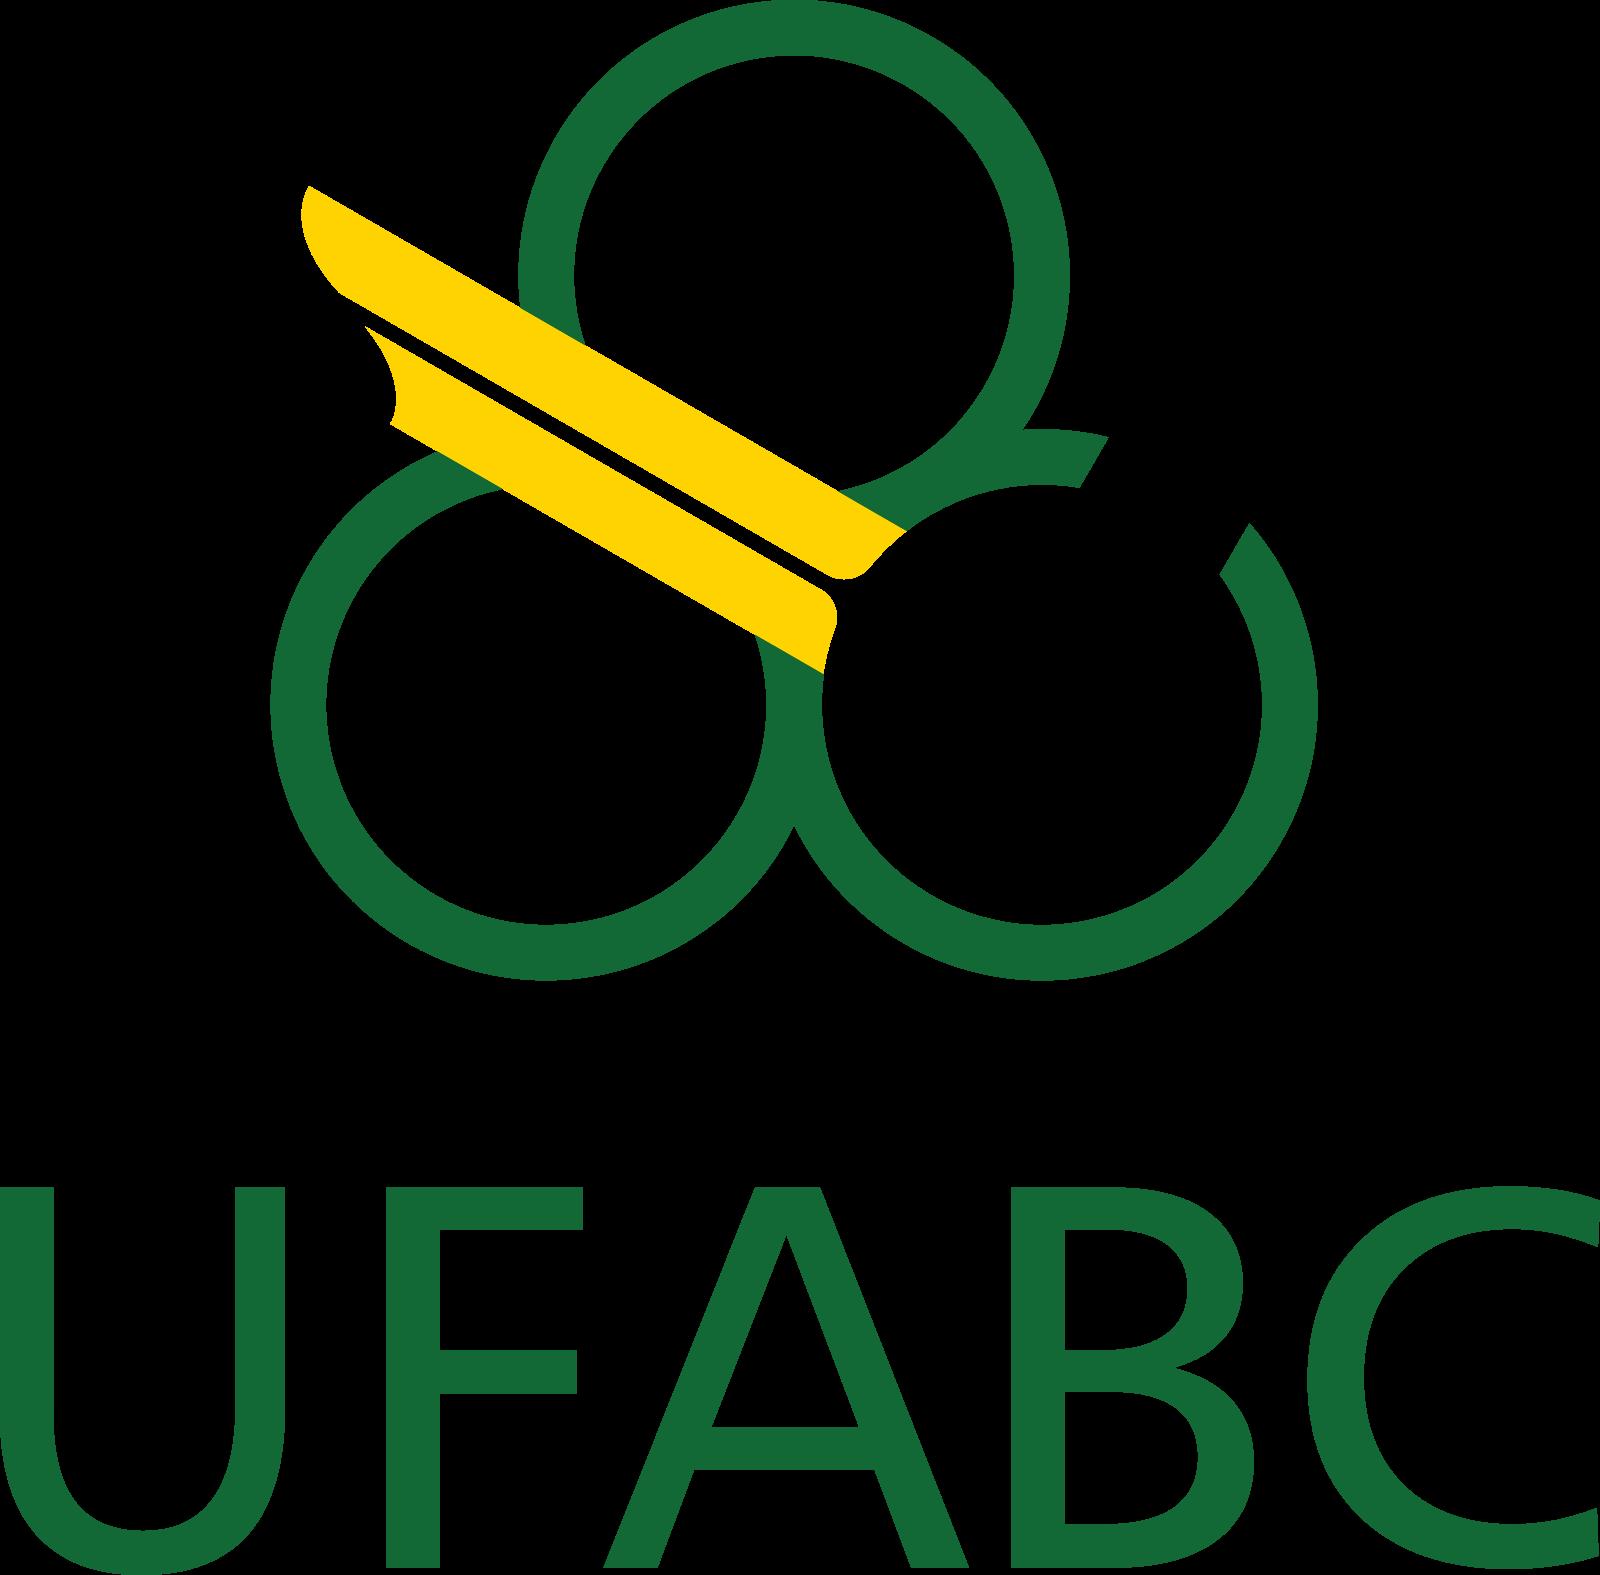 ufabc logo 2 - UFABC Logo - Universidade Federal do ABC